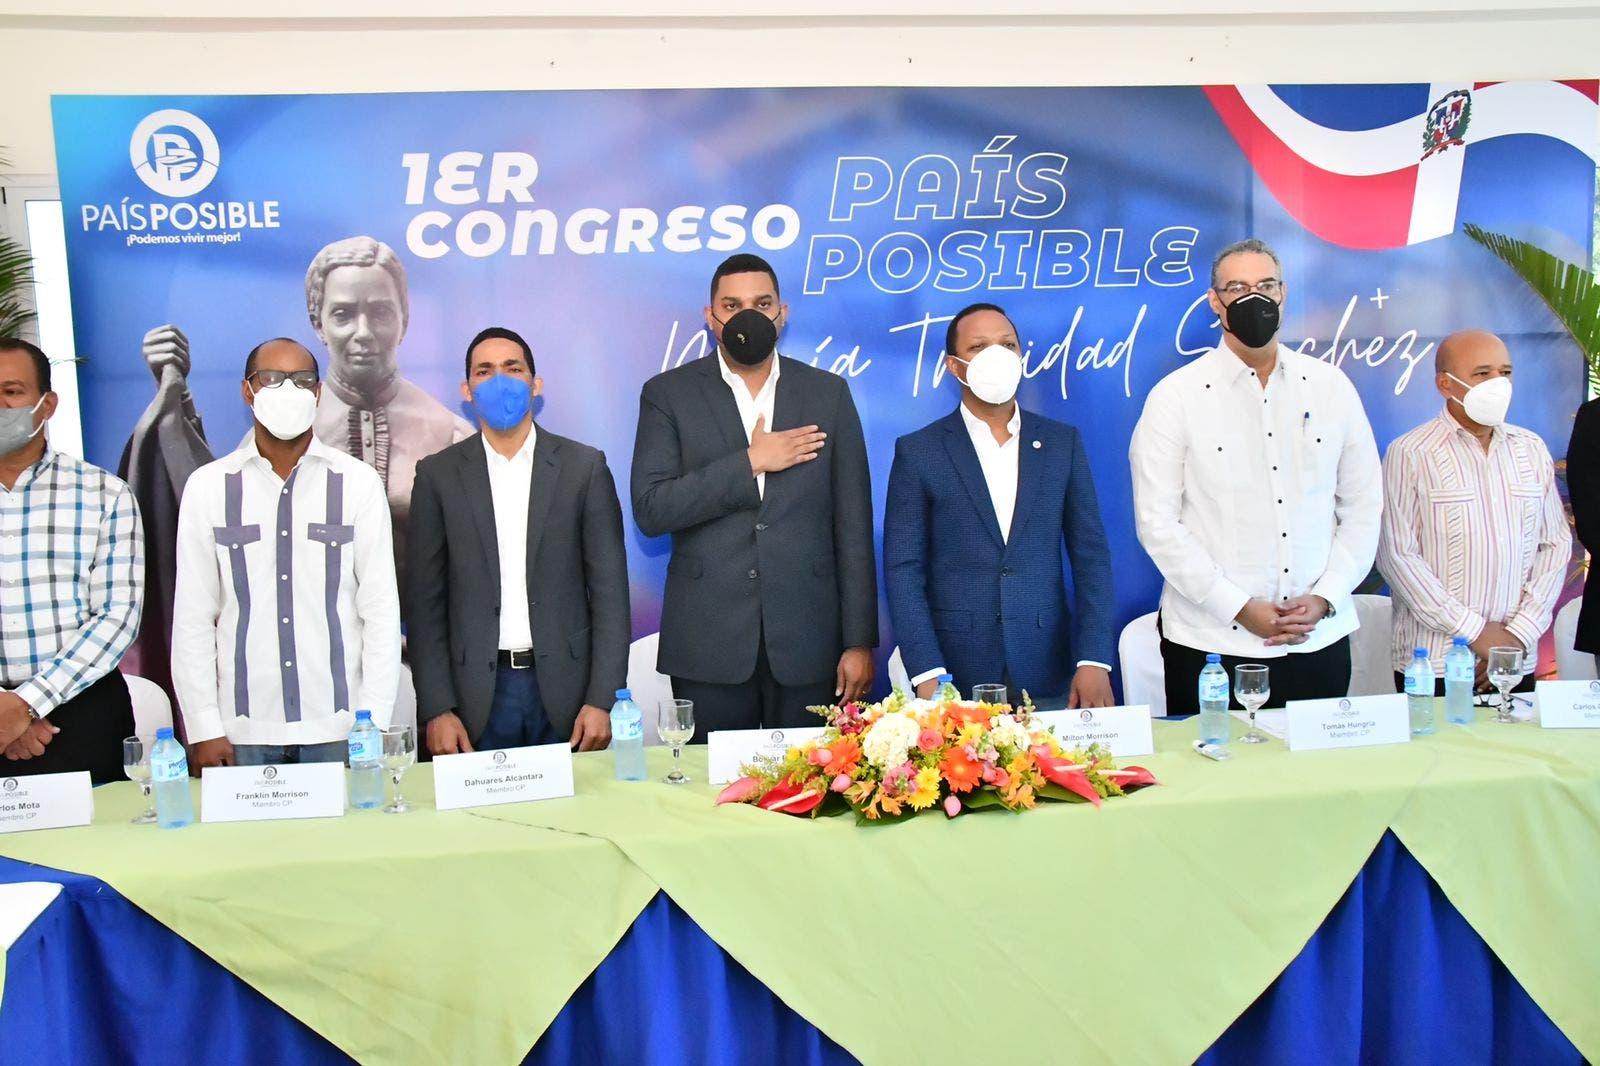 País Posible se aboca a reestructuración profunda con celebración de congreso